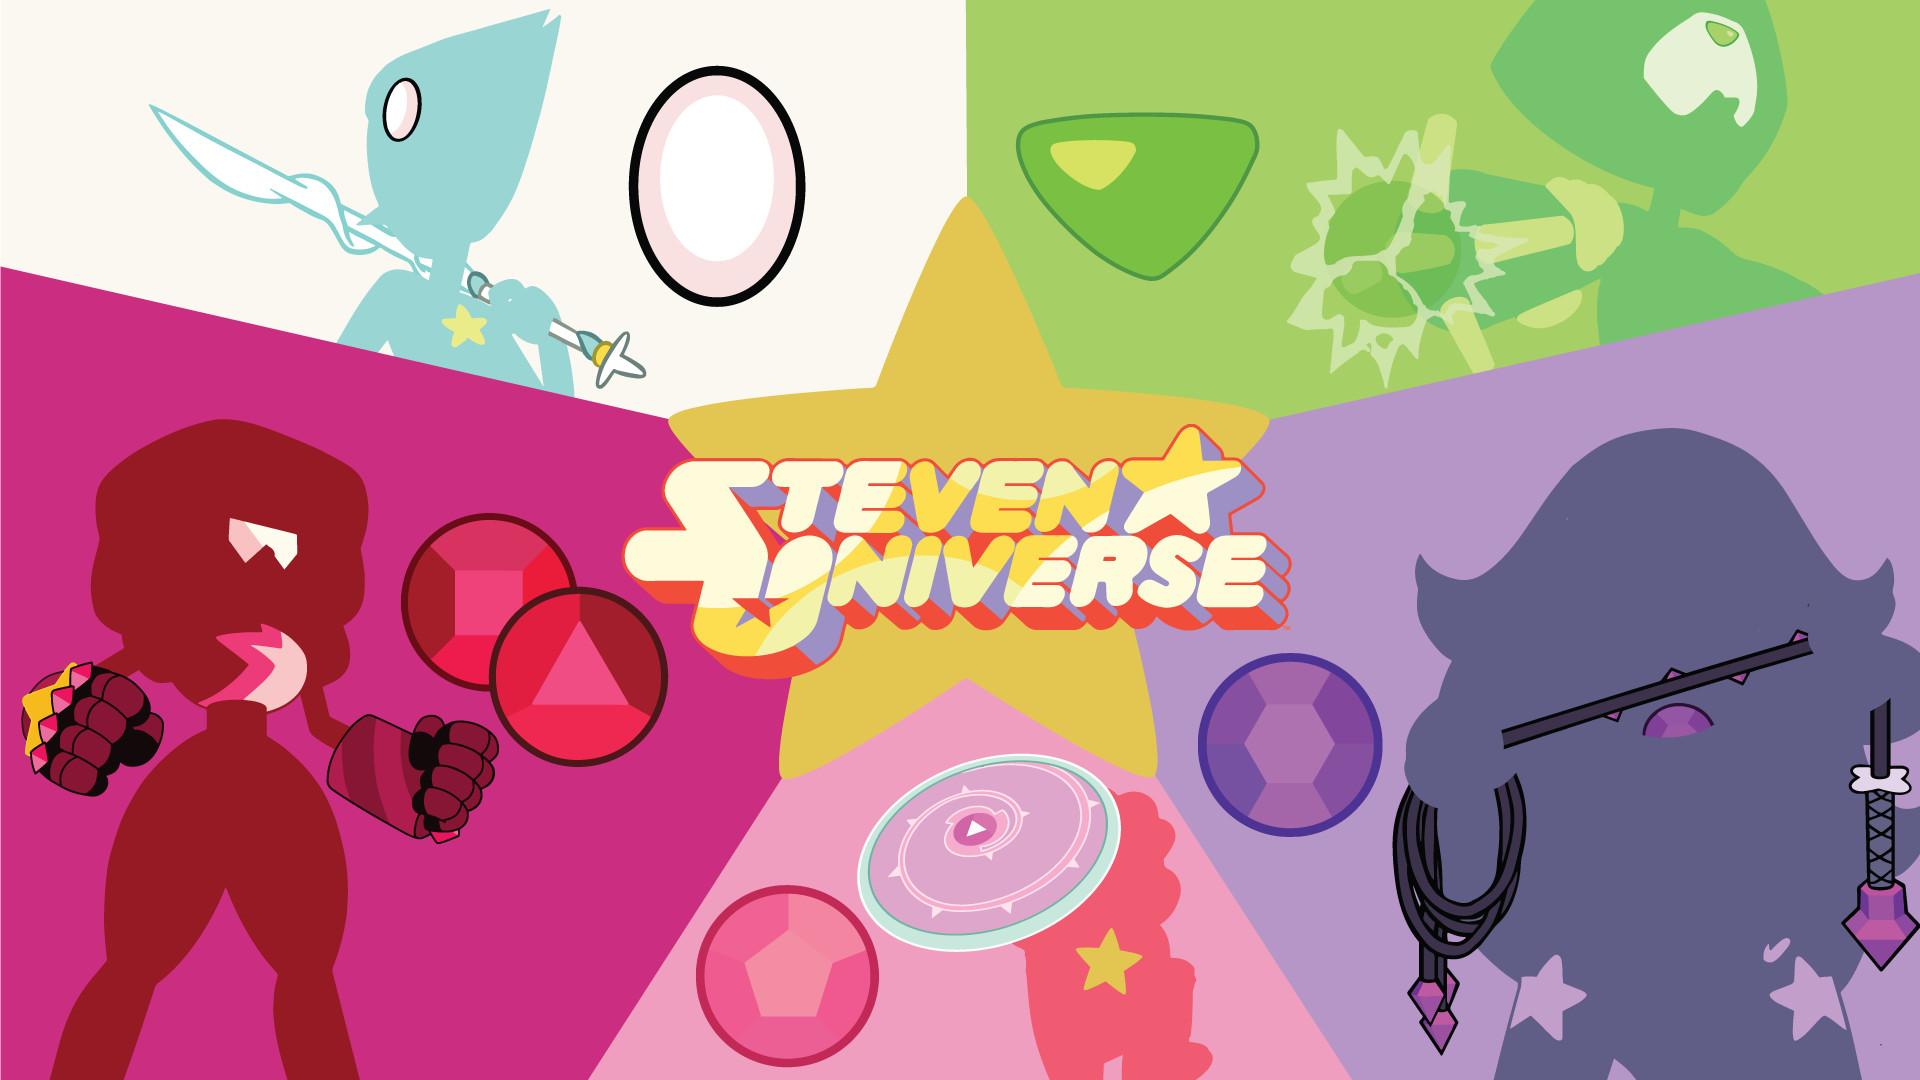 steven universe season 5 1080p download